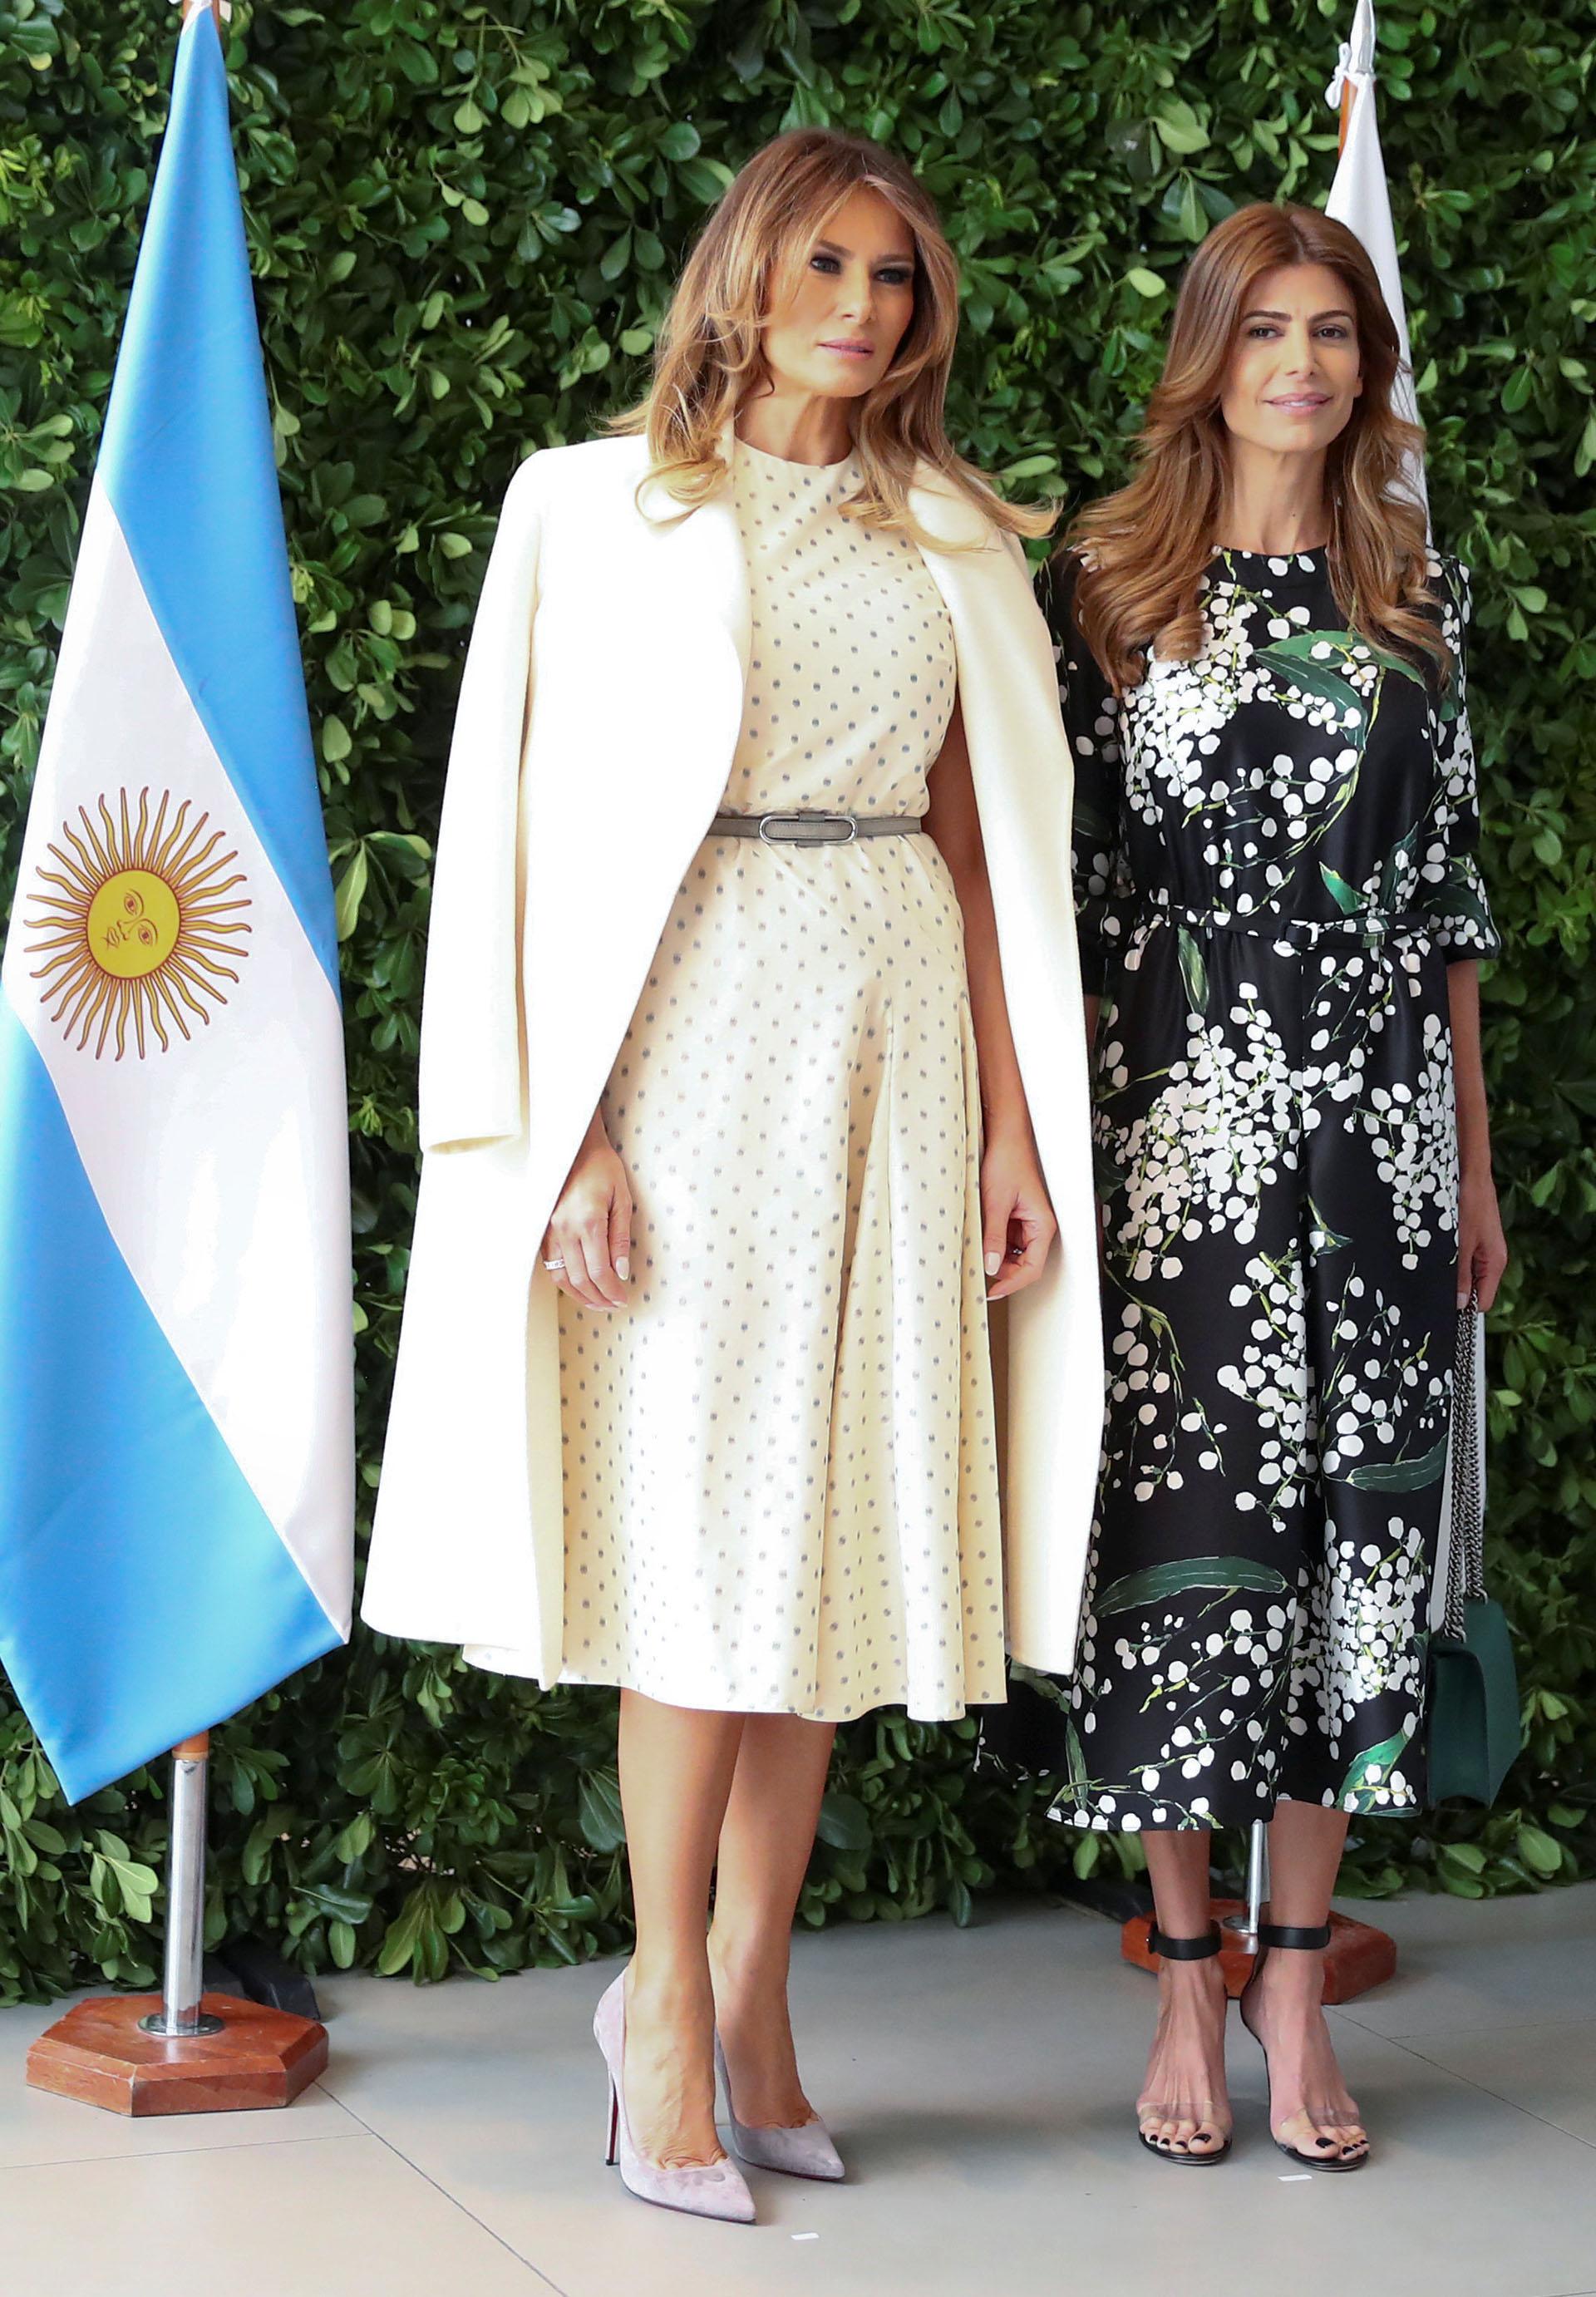 Melania Trump no defraudó con su outfit. Eligió un vestido en off white con polka dots en gris, acompañada por un tapado y el detalle chic en su cinturón y los stilettos en gris plomo